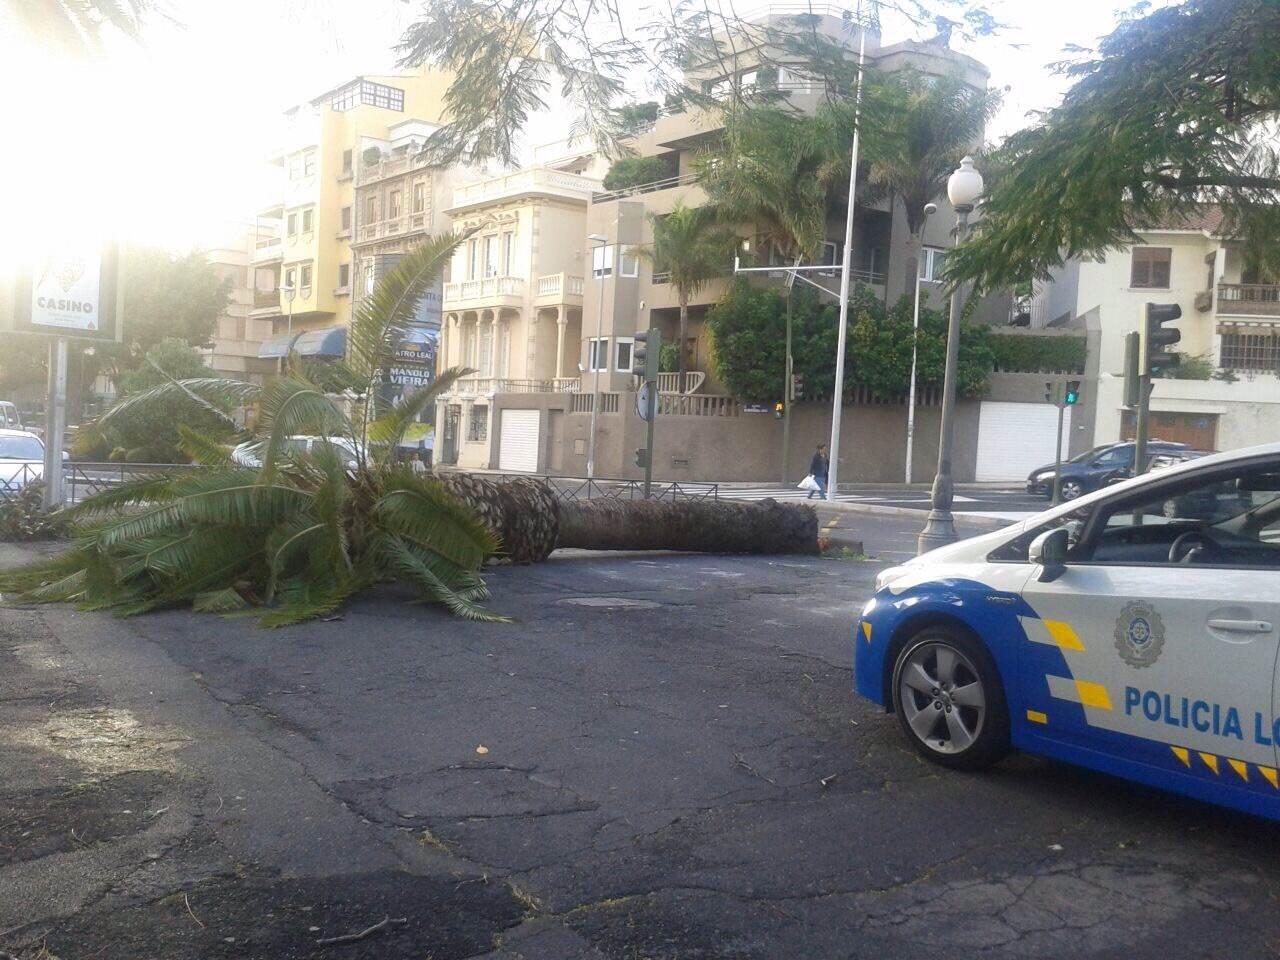 Una palmera cae en Las Ramblas, a la altura del Parque García Sanabria./ DA